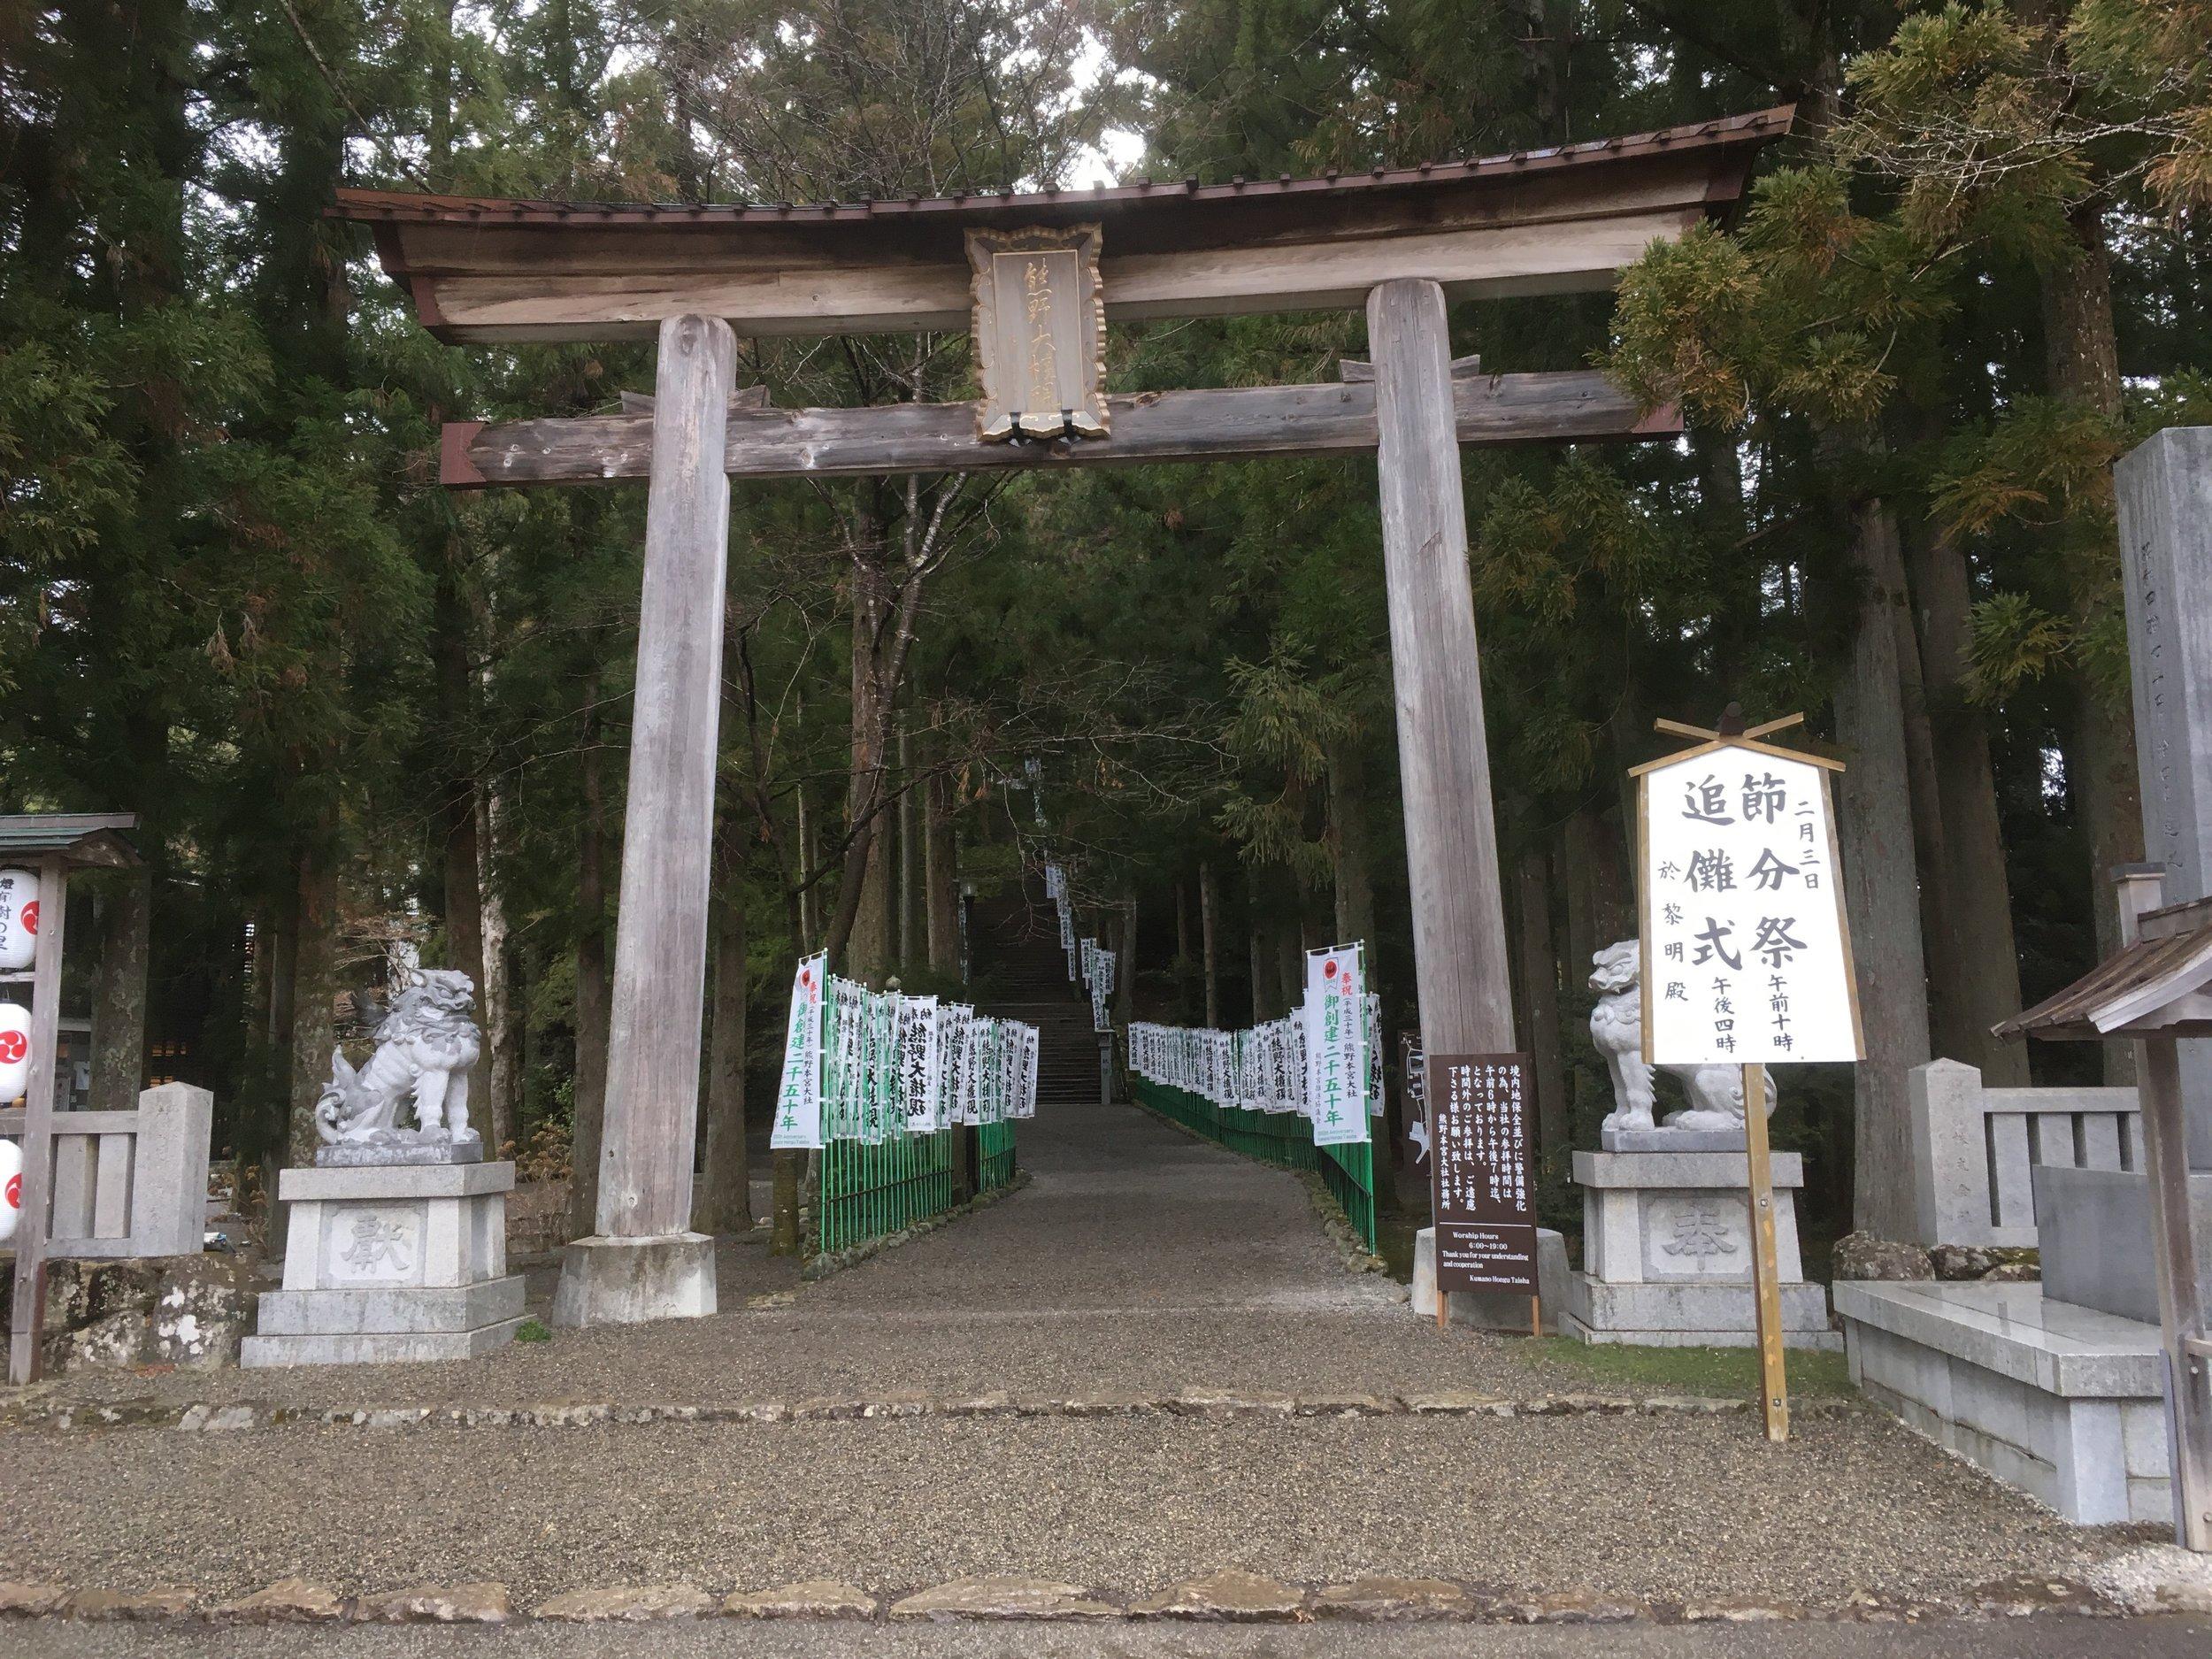 Stunning architecture and 2,000 years of history at Kumano Hongu Taisha